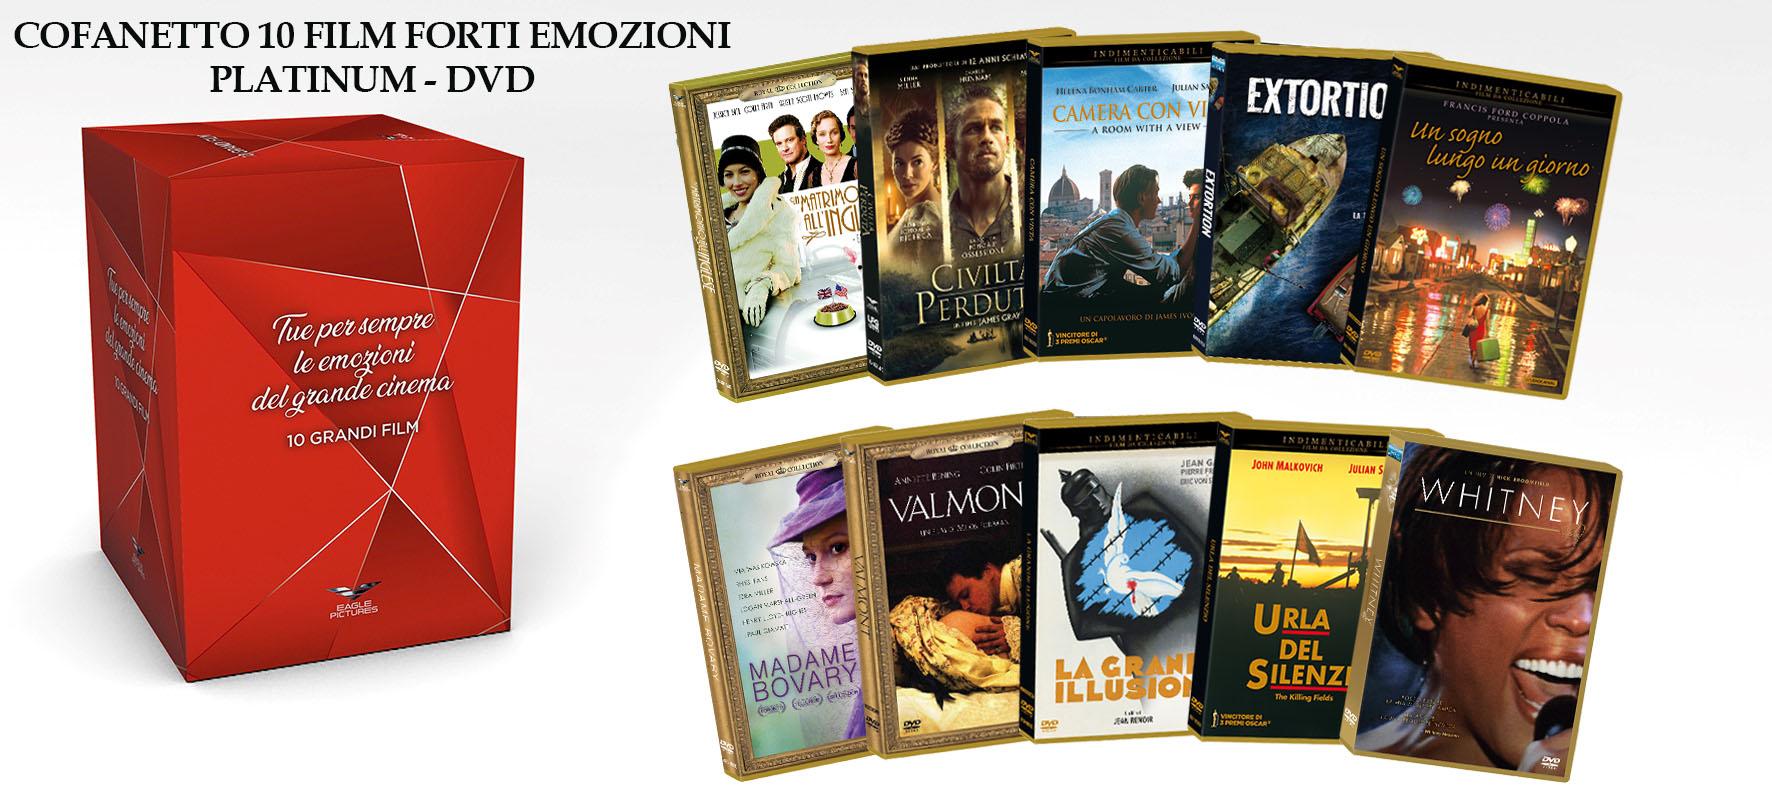 COF.FORTI EMOZIONI PLATINUM COFANETTO (10 DVD) (DVD)